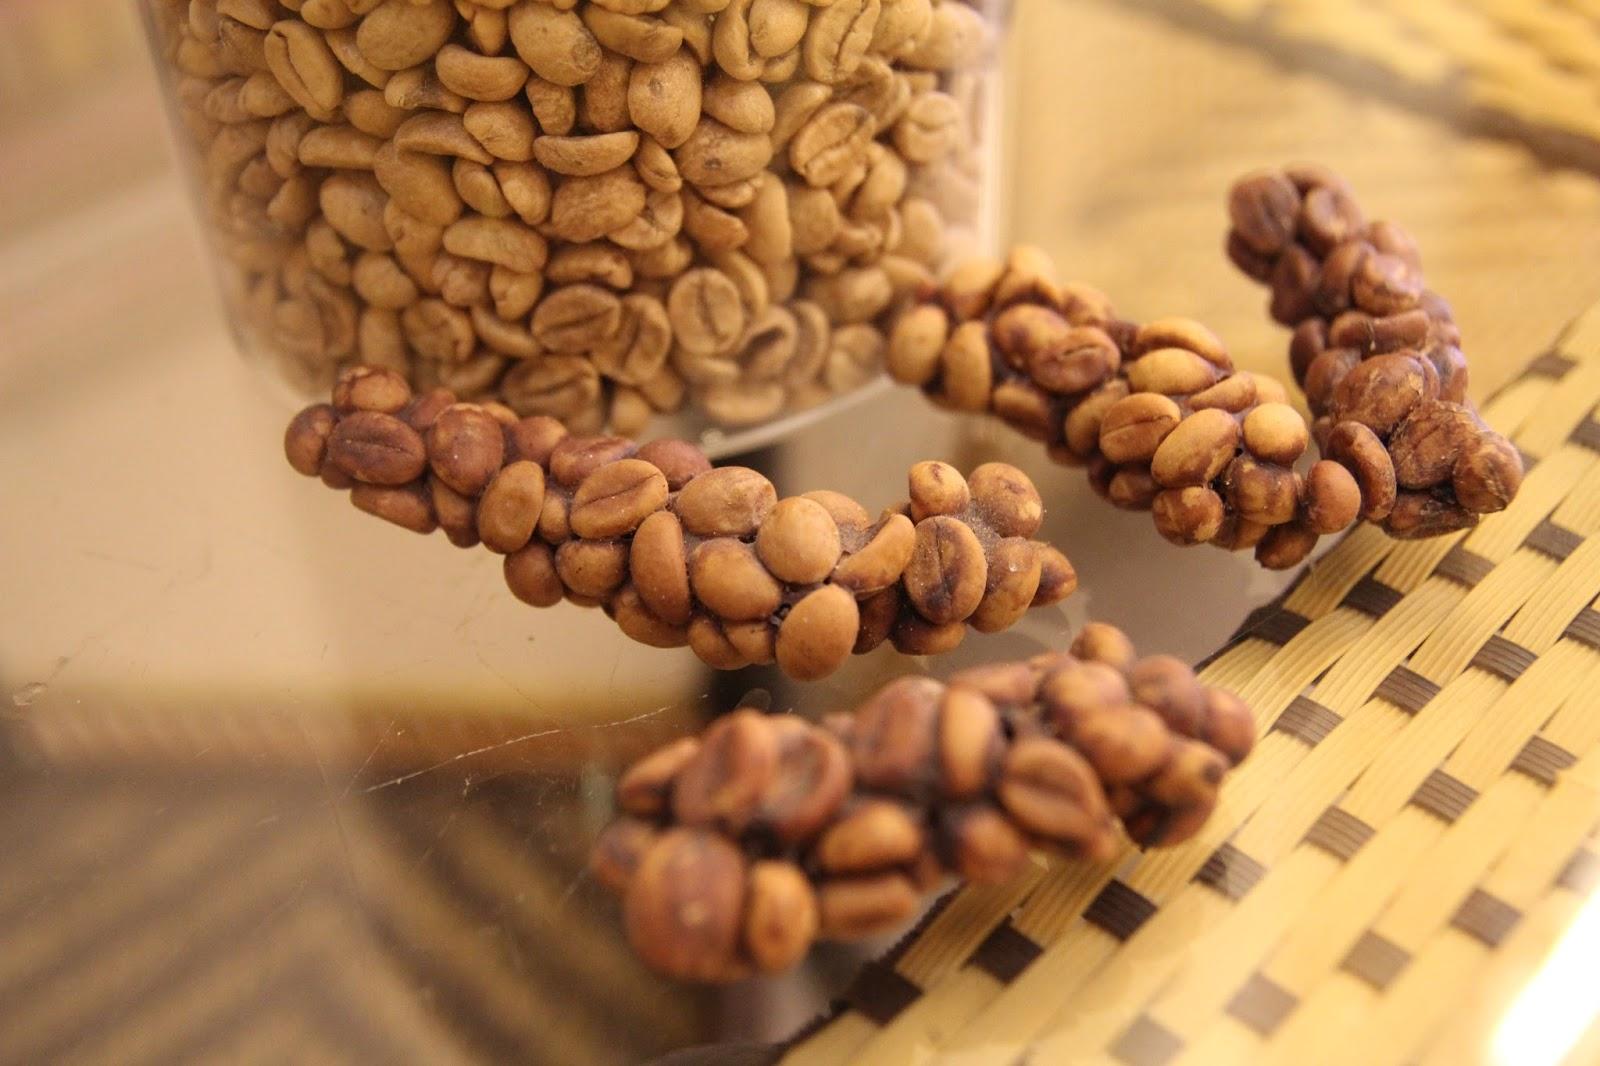 Вьетнамский кофе Лювак: чем известен, особенности приготовления